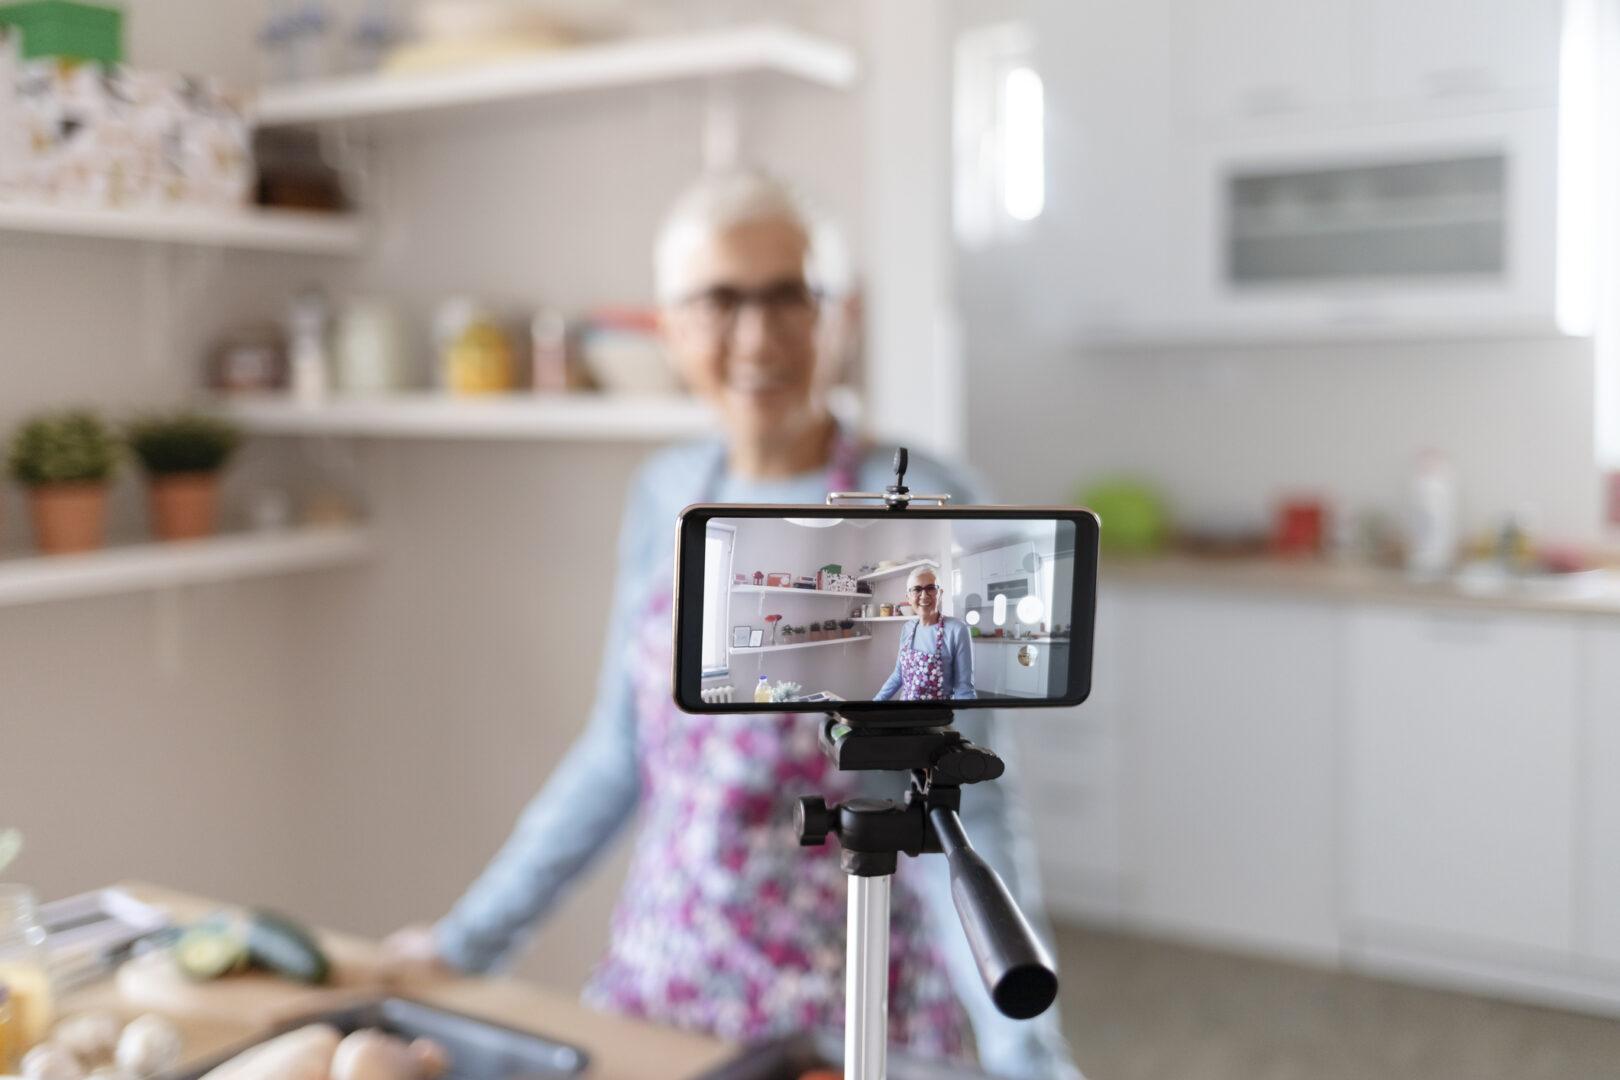 senior filming for tiktok